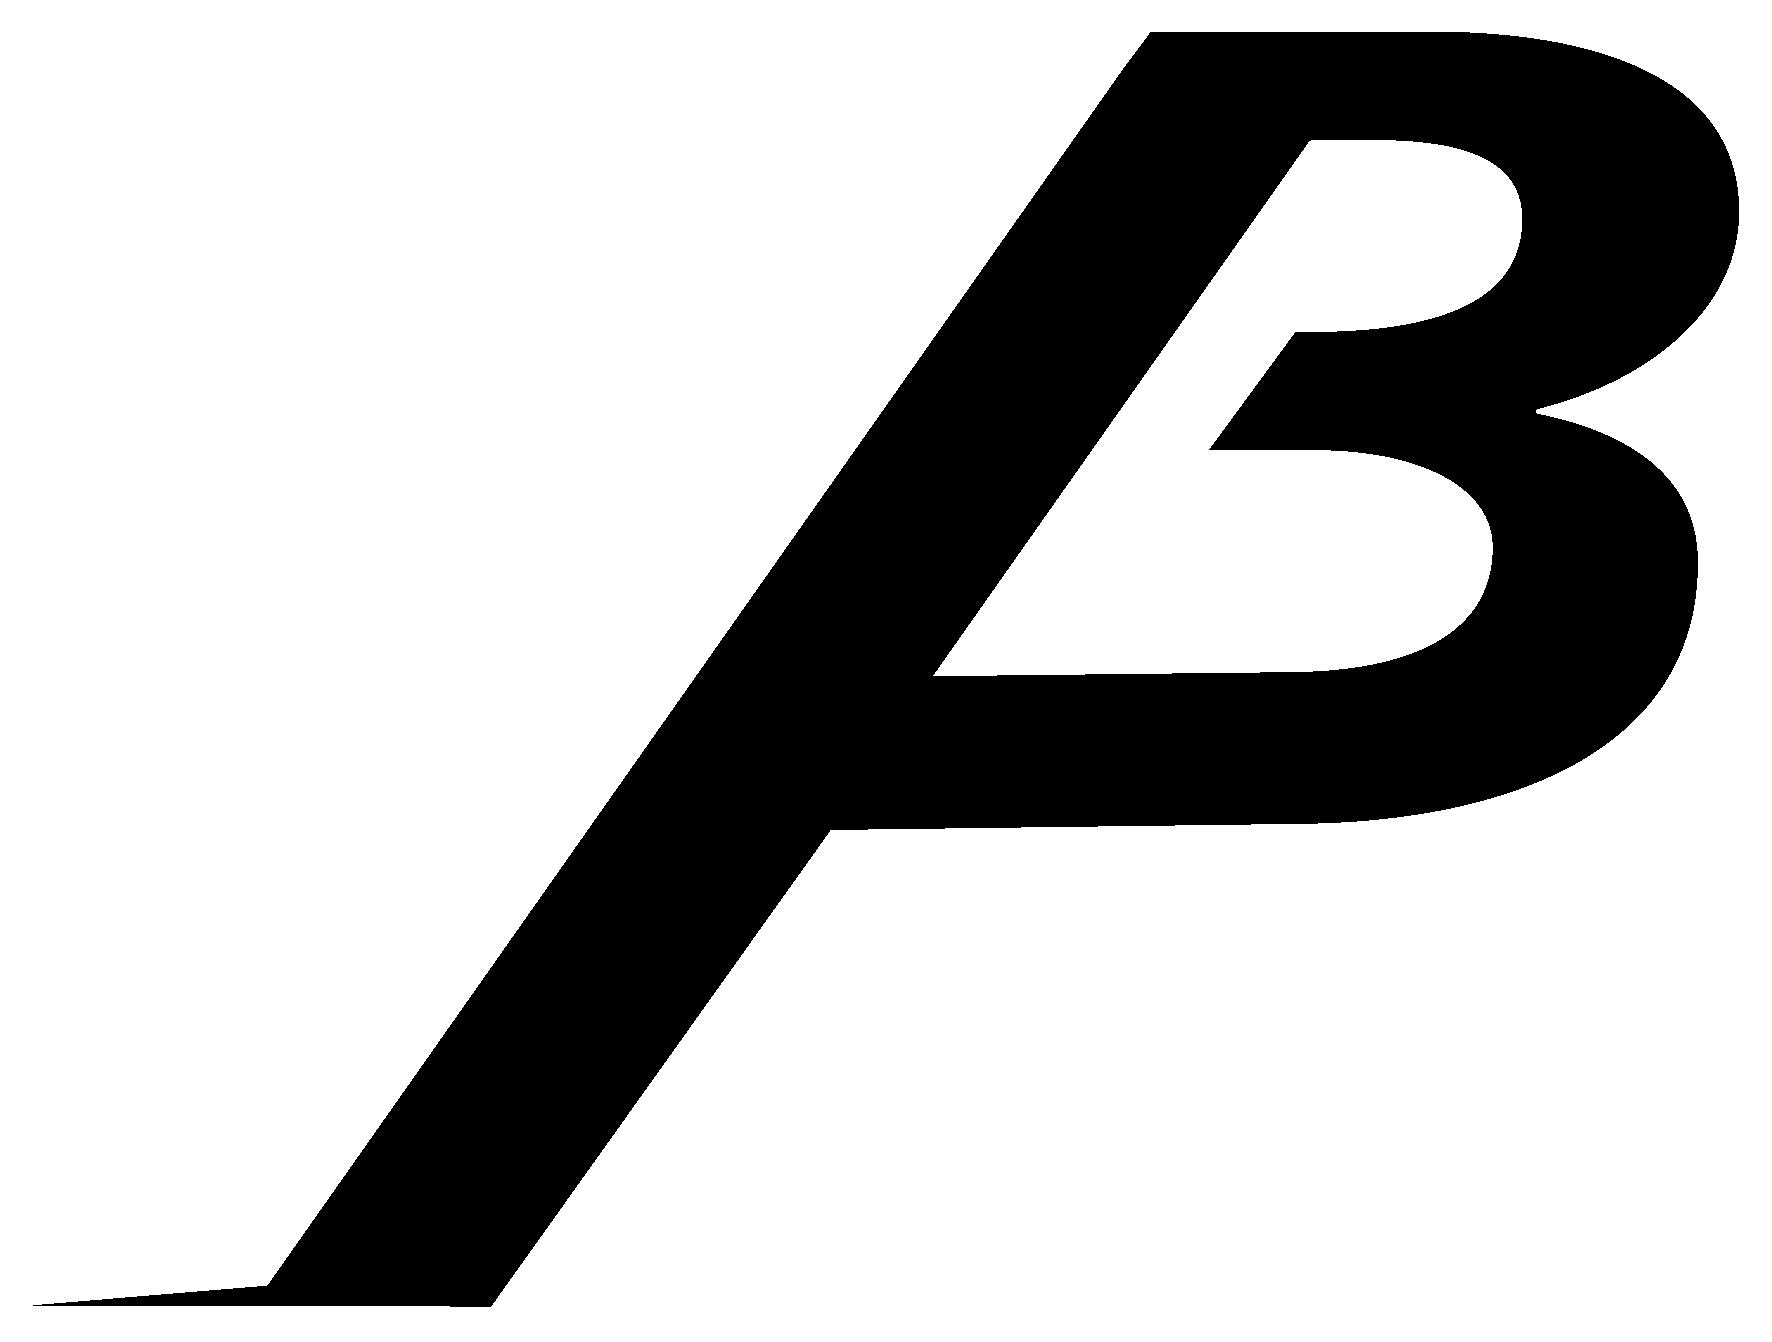 31034476 0 beta logo schwarz ze